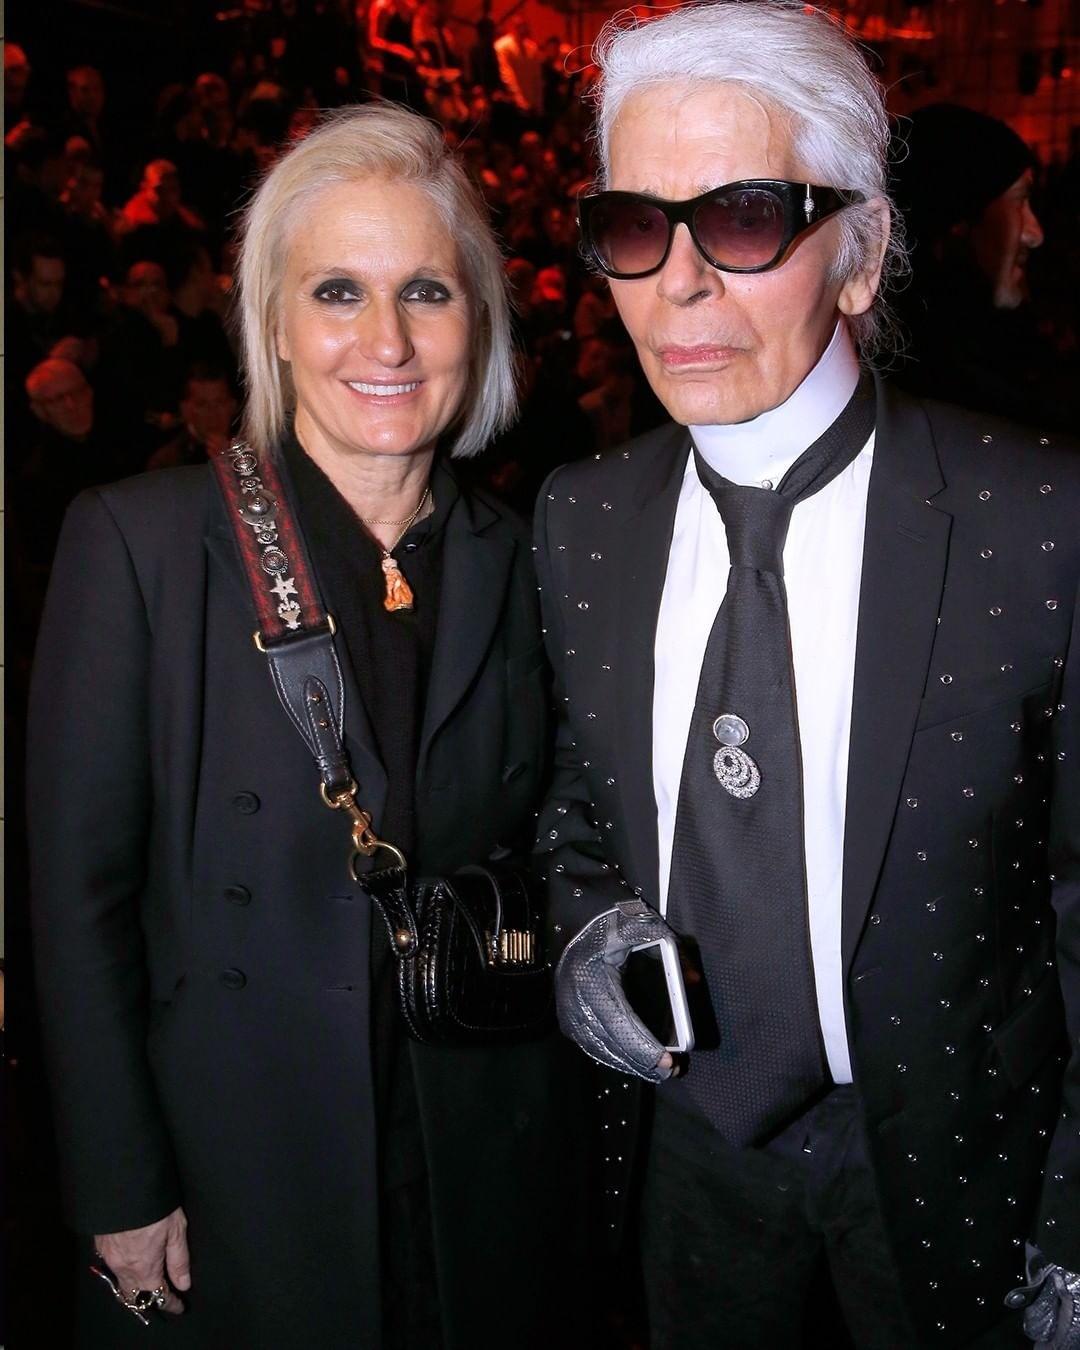 До этого дизайнер 10 лет работала в Fendi в паре с Пьерполо Пиччоли, а затем в Valentino. В дебютной коллекции Кьюри для Dior гармонично сосуществовали new-look Кристиана Диора и платья с...